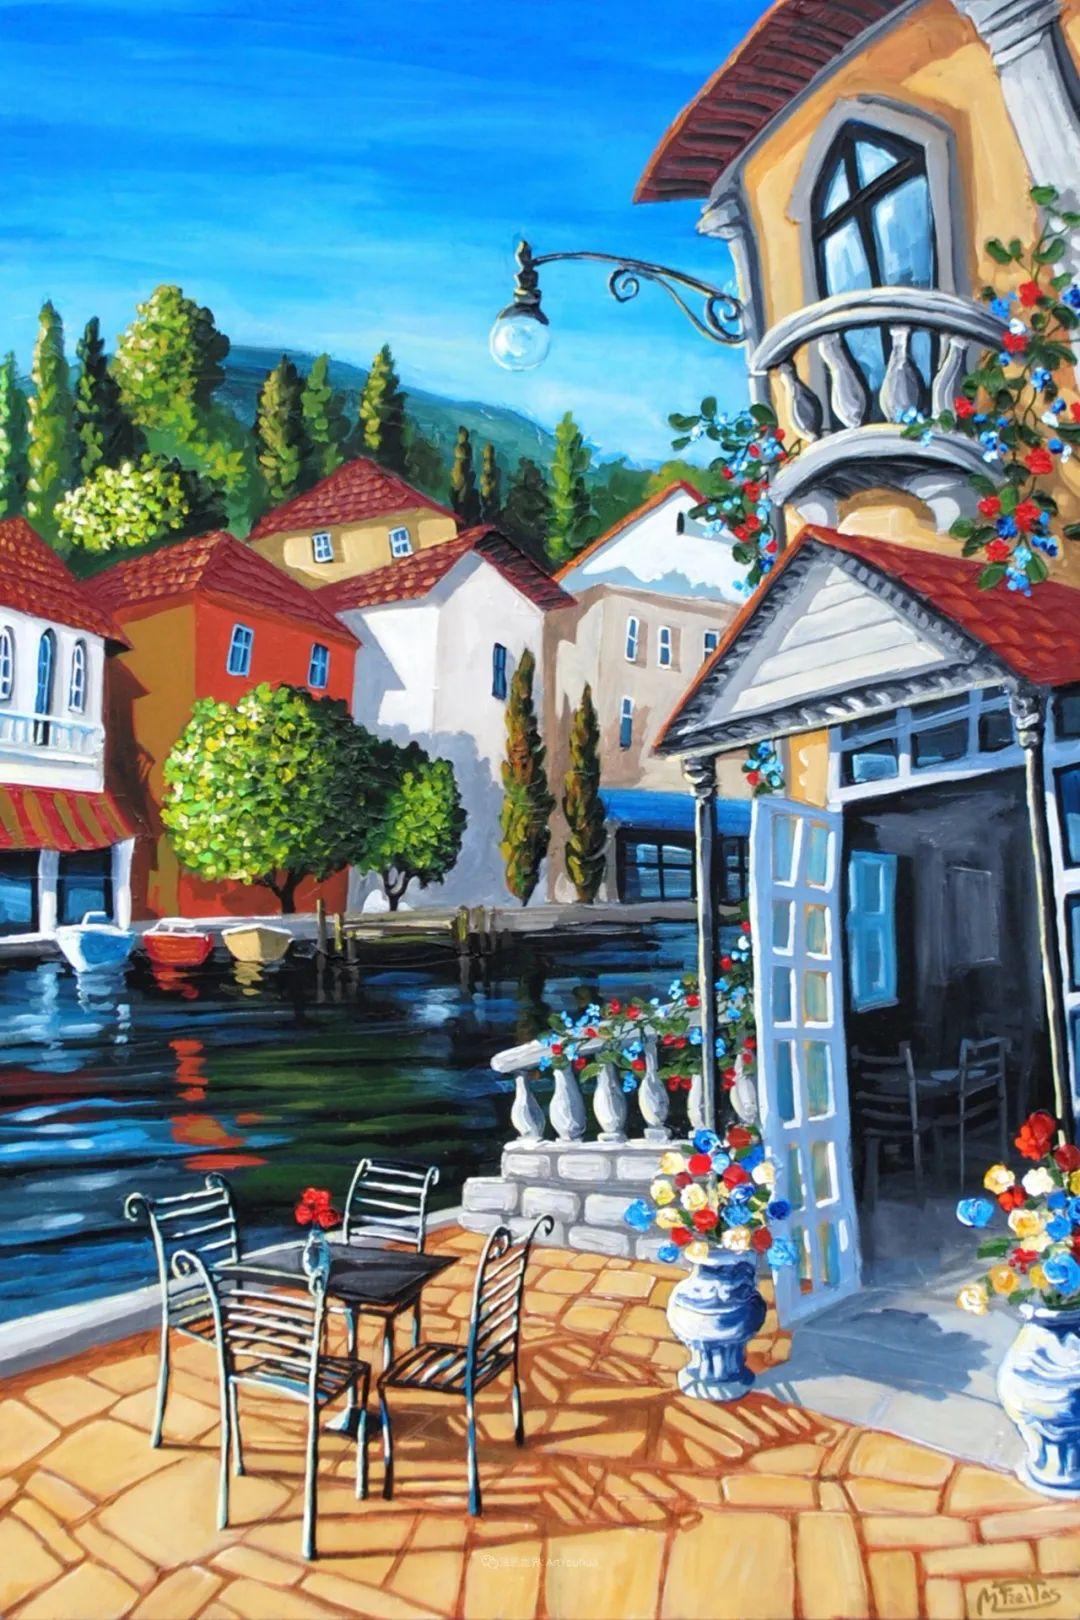 独特的风格,鲜艳的色彩!葡萄牙画家米格尔·弗雷塔斯插图3